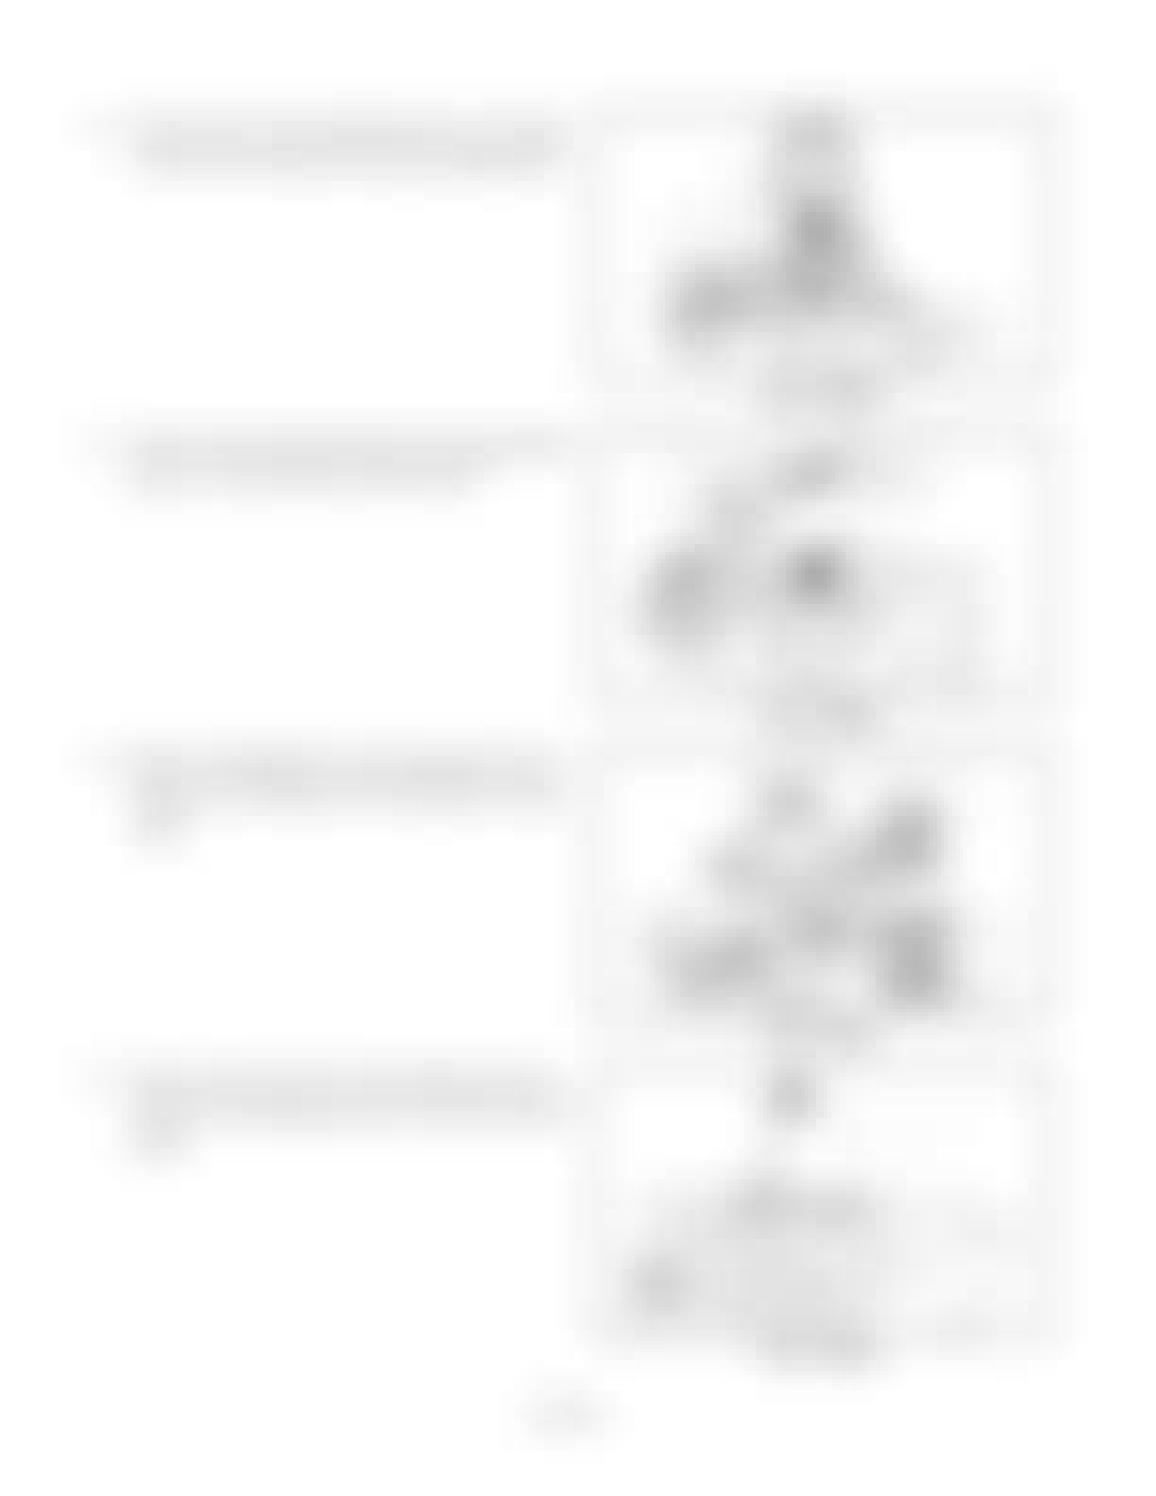 Hitachi LX110-7 LX130-7 LX160-7 LX190-7 LX230-7 Wheel Loader Workshop Manual - PDF DOWNLOAD page 108